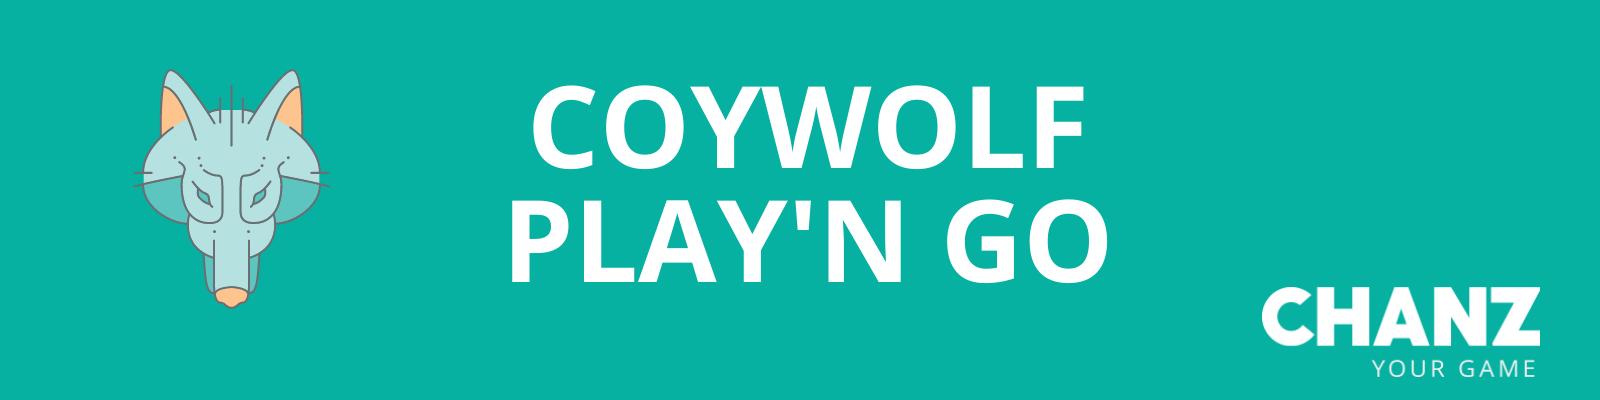 Coywolf Cash – Play'n GO